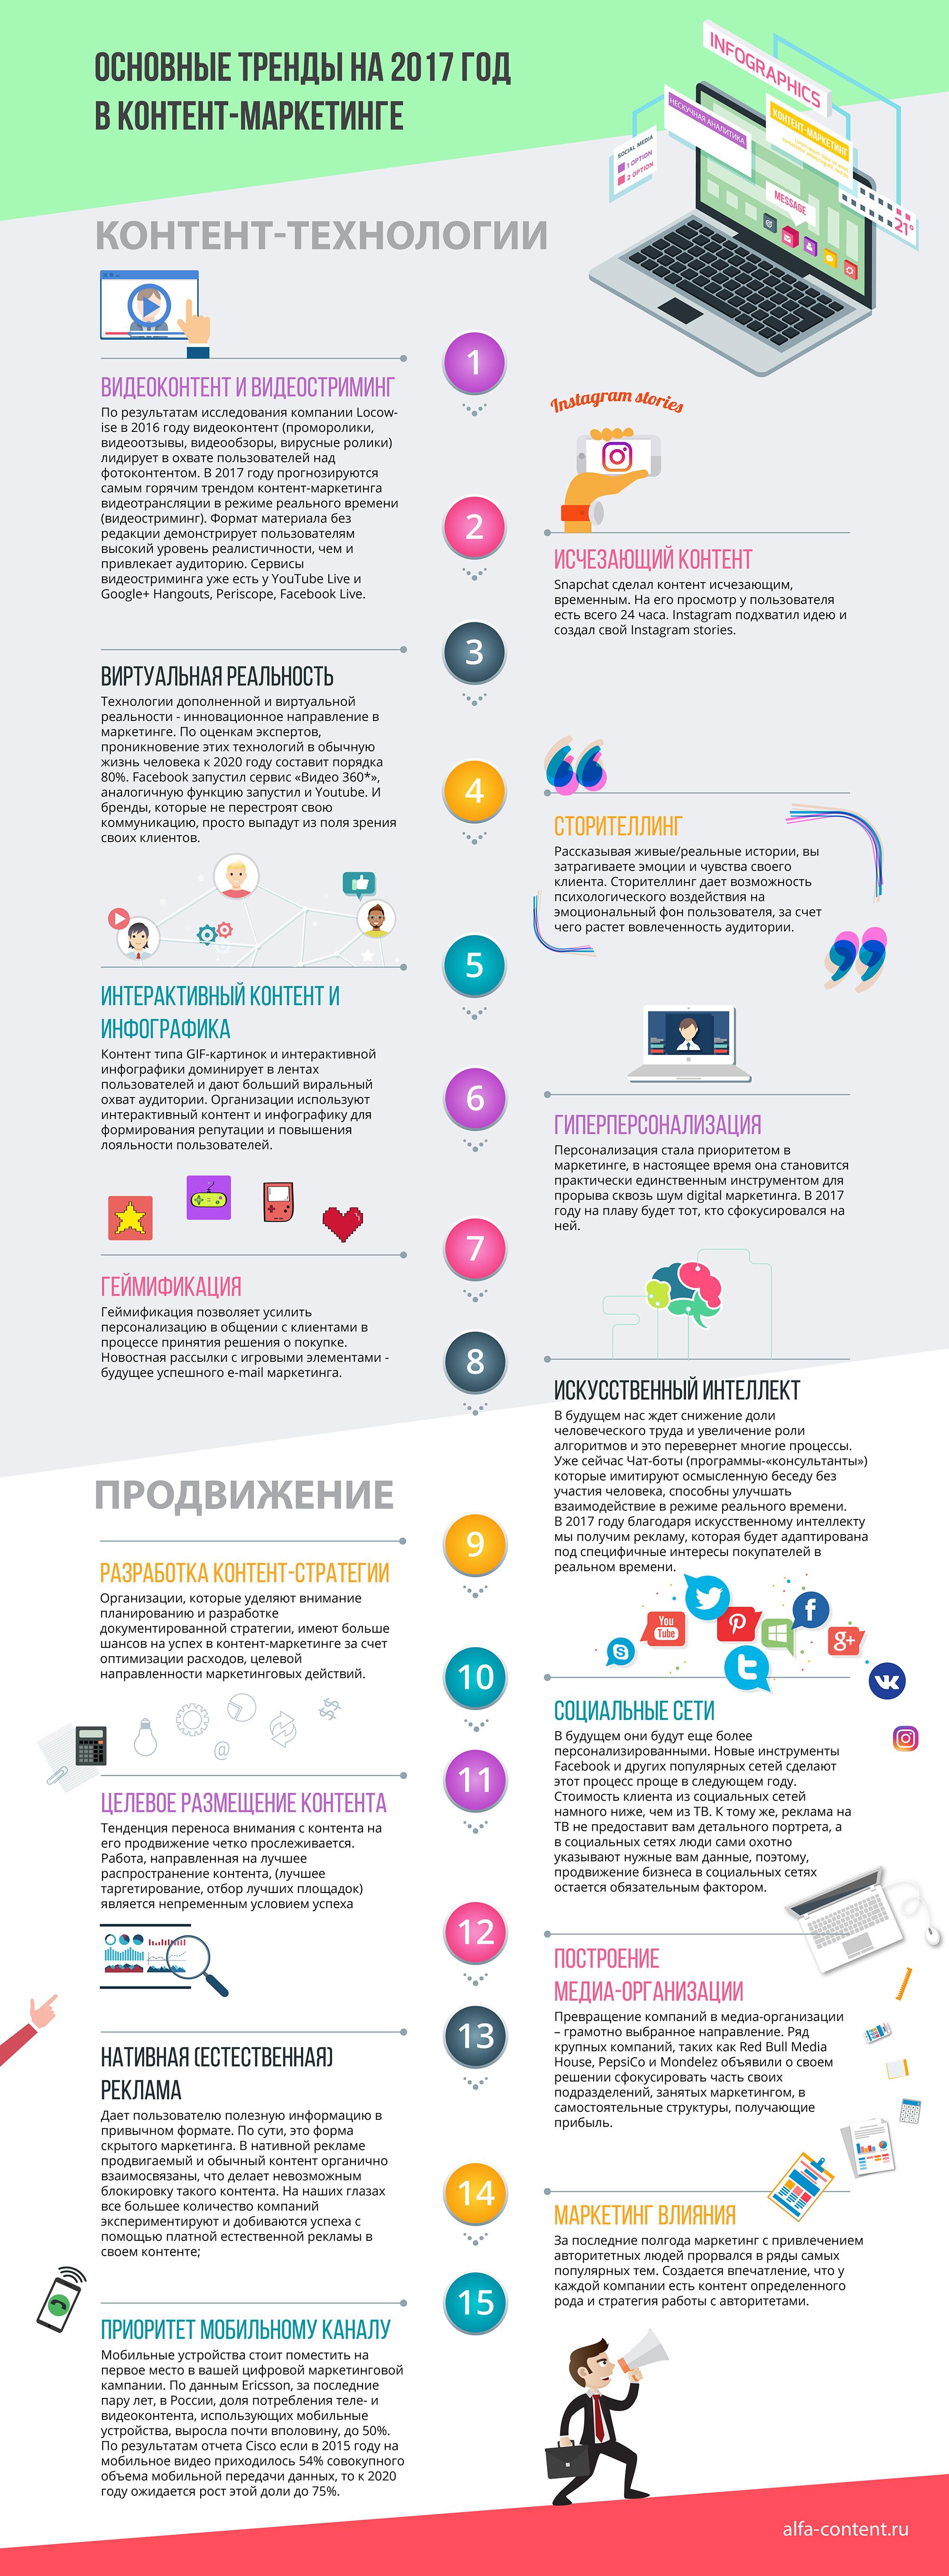 Тенденции 2017 года в контент-маркетинге